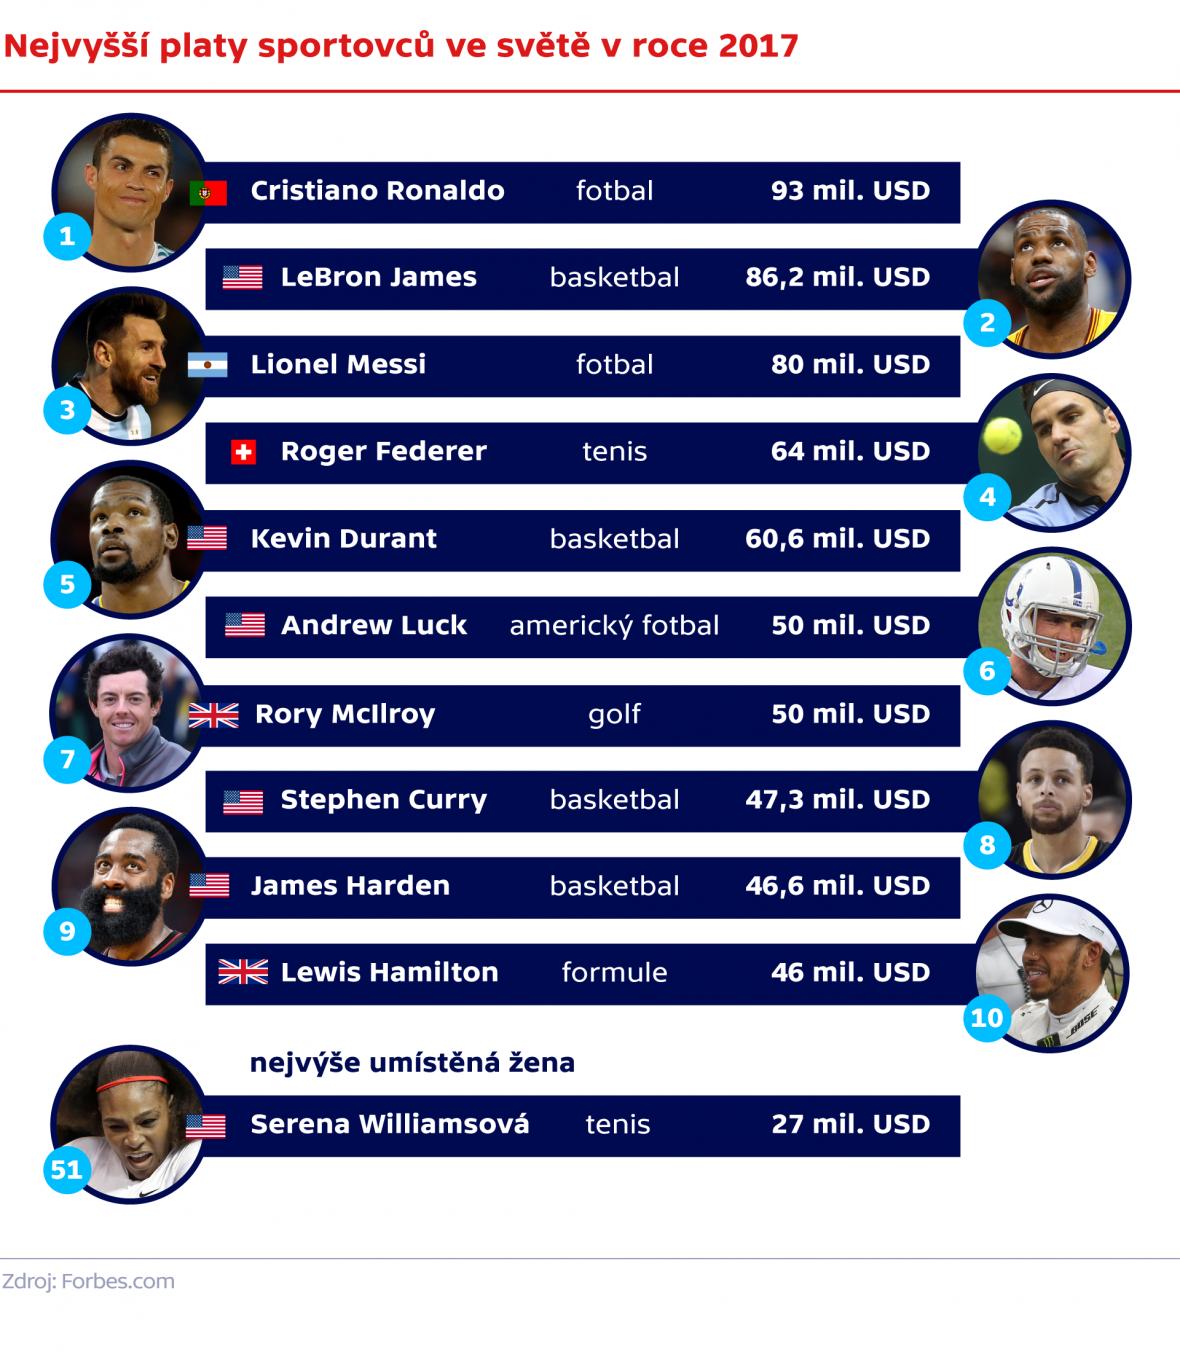 Nejvyšší platy sportovců ve světě v roce 2017